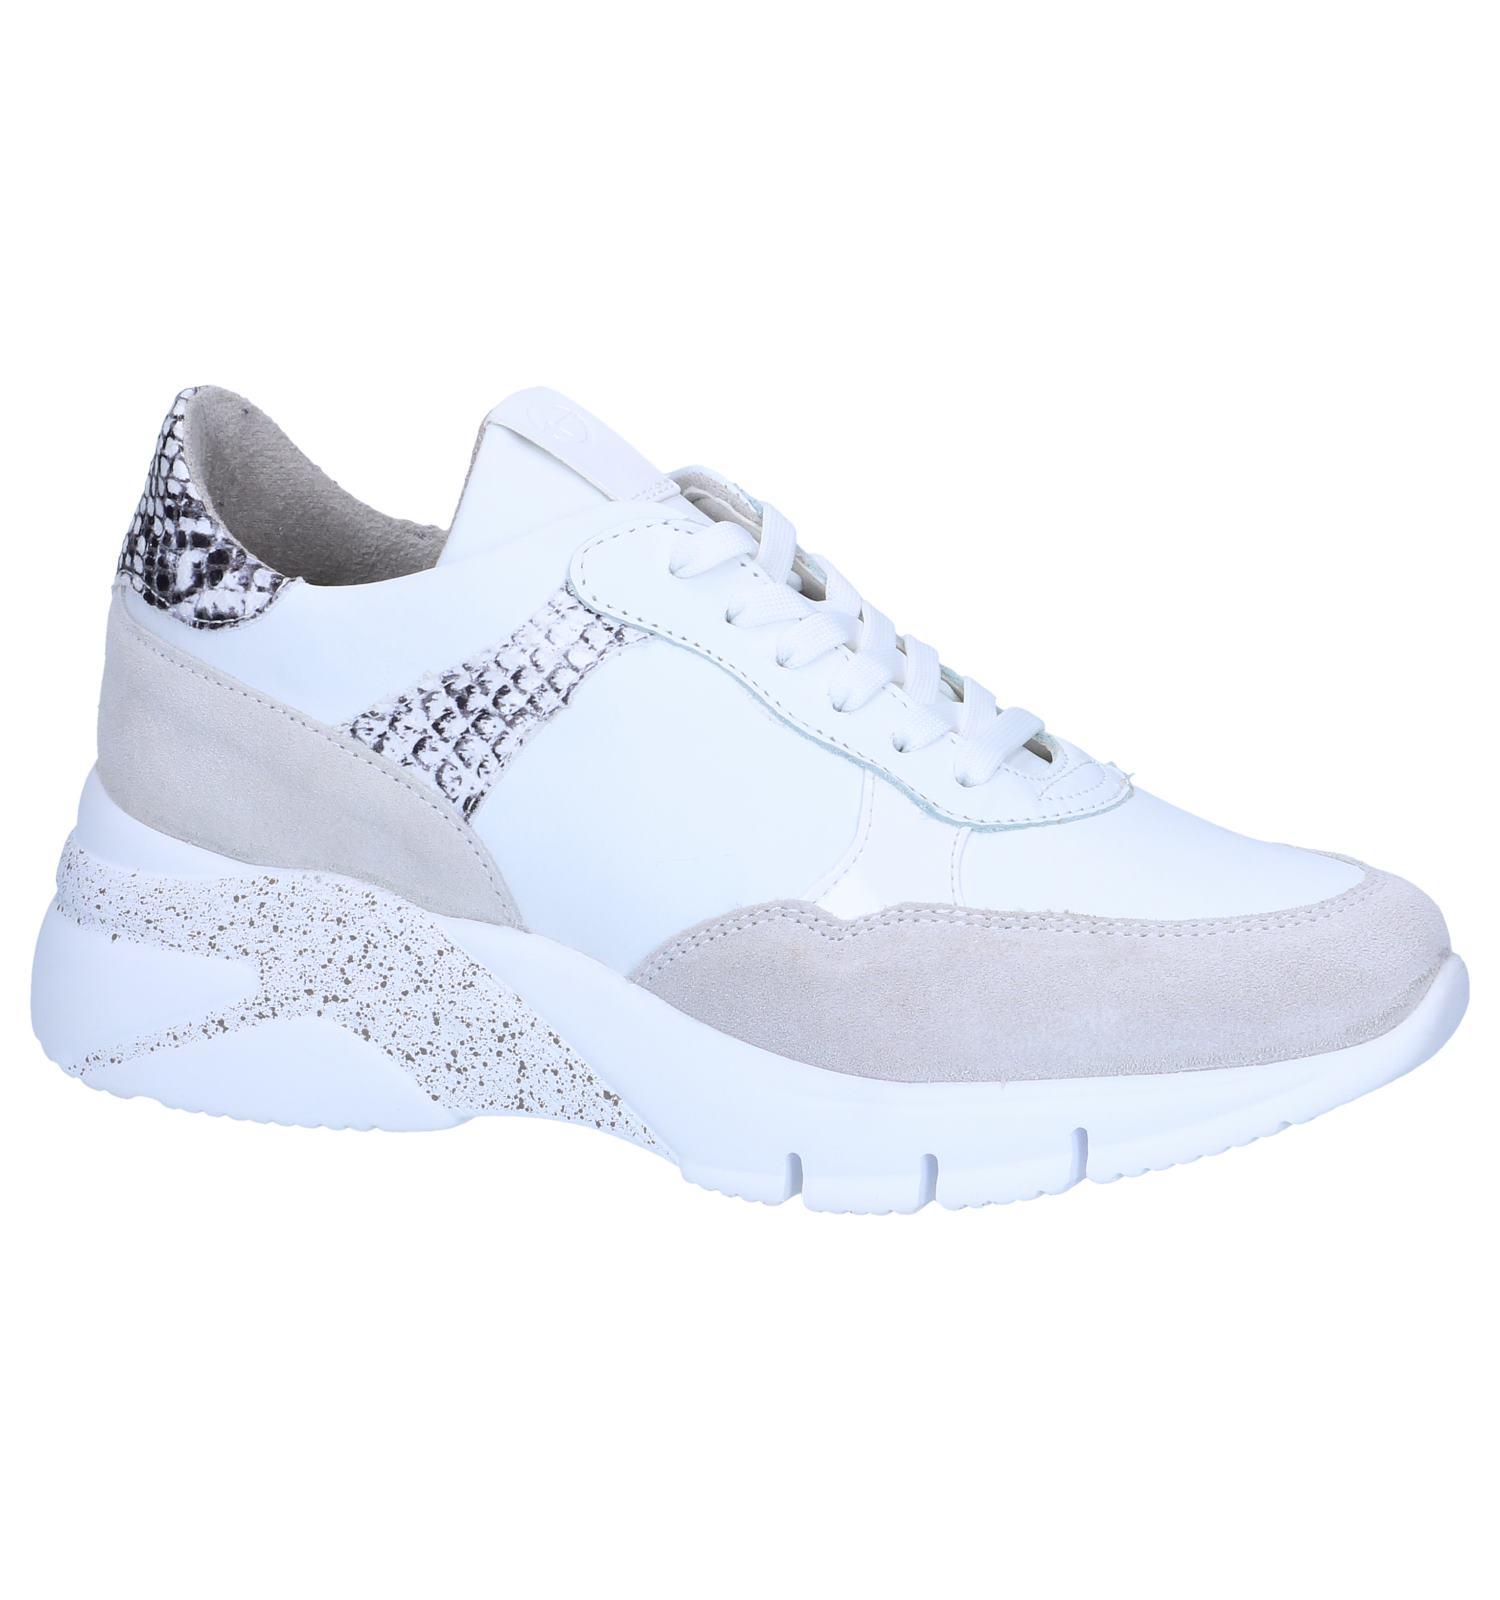 Witte Sneakers Tamaris | SCHOENENTORFS.NL | Gratis verzend en retour